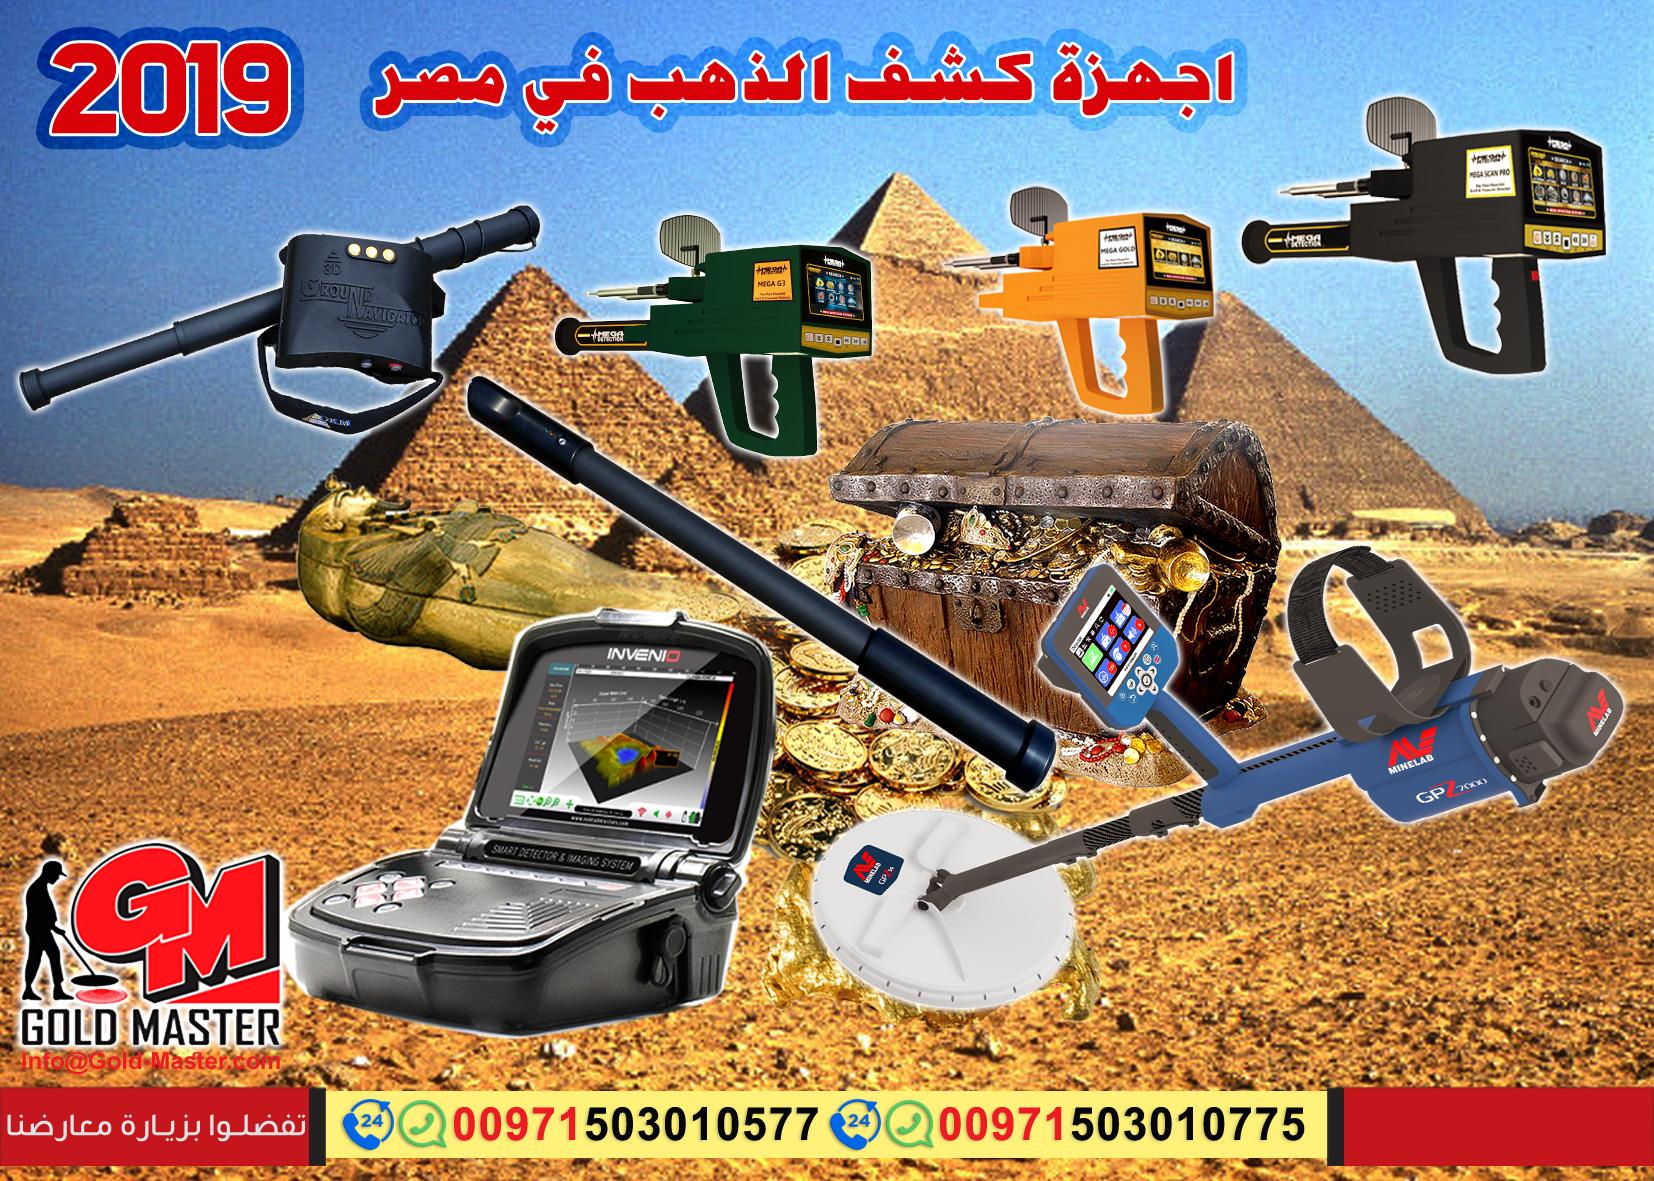 جهاز كشف الاثار فى مصر